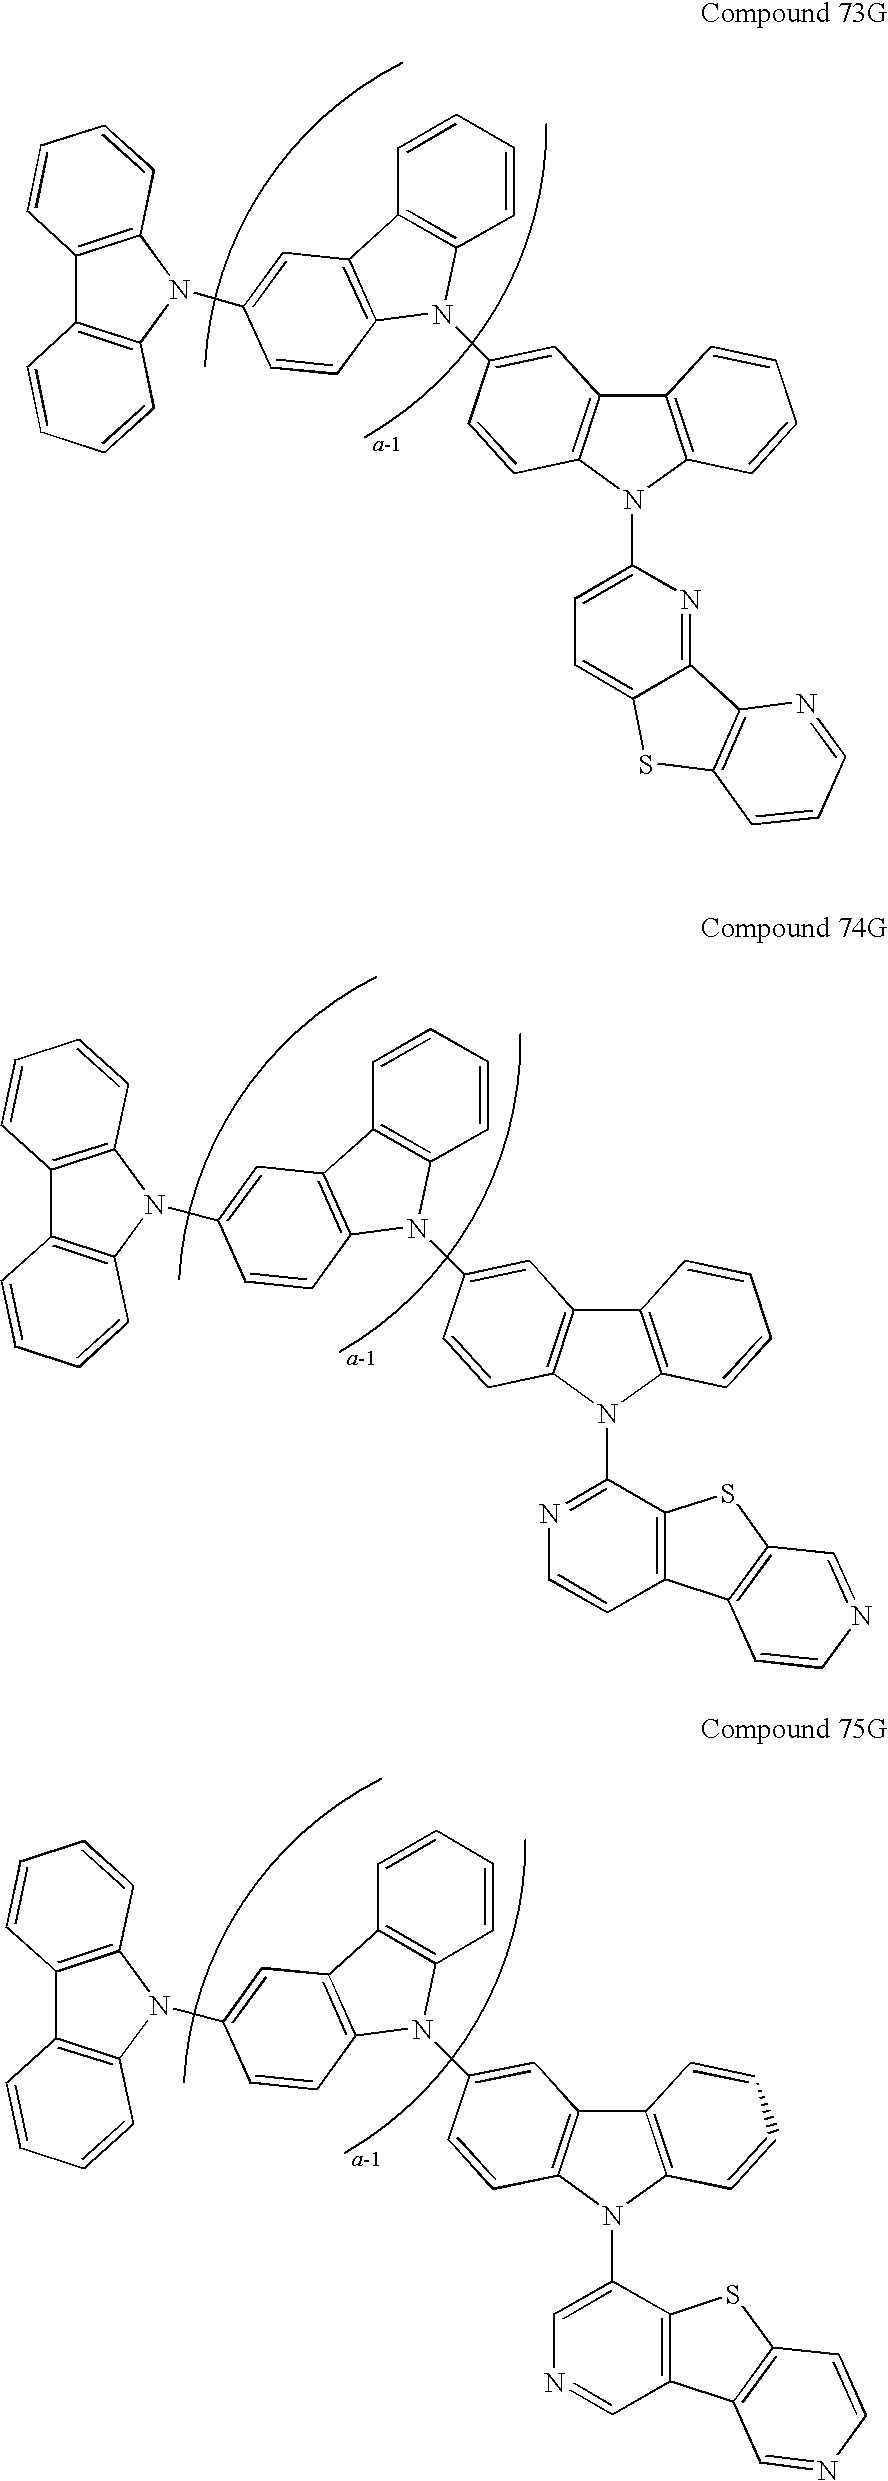 Figure US20090134784A1-20090528-C00168